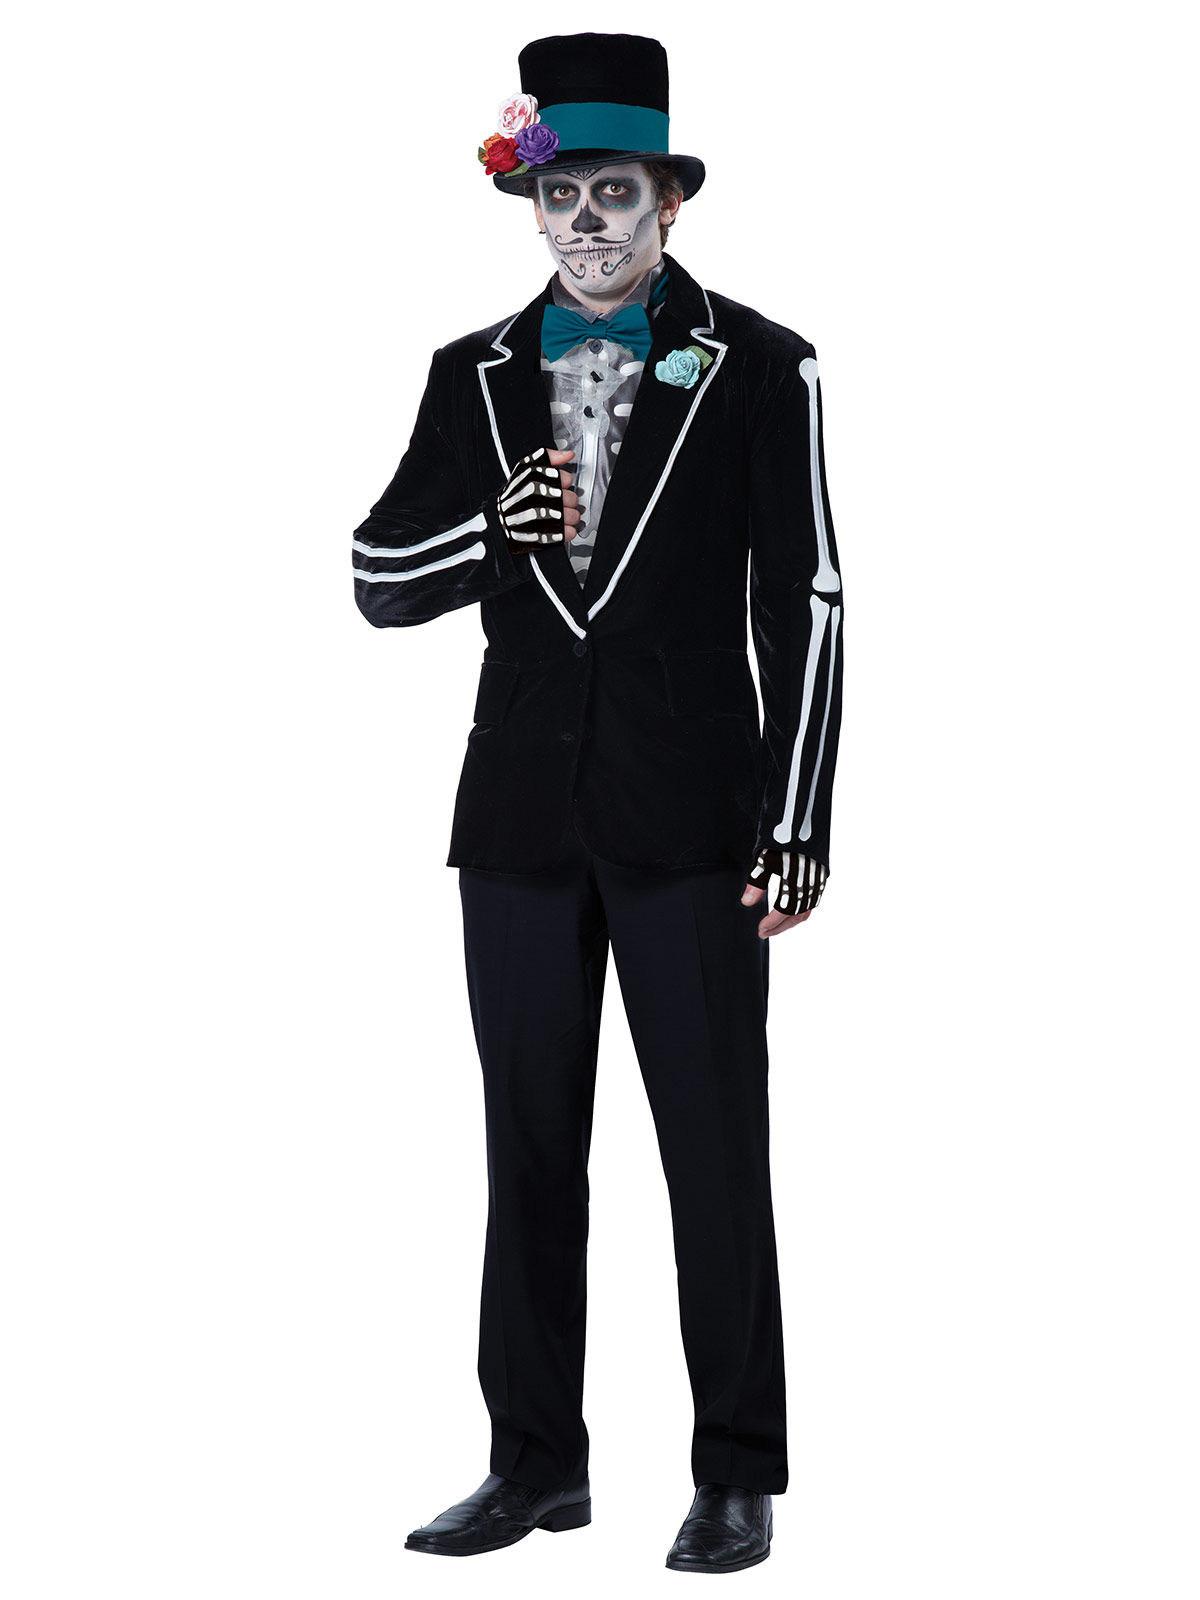 Disfraz traje mexicano Día de los muertos hombre  Disfraces adultos ... 7aa170bdd00